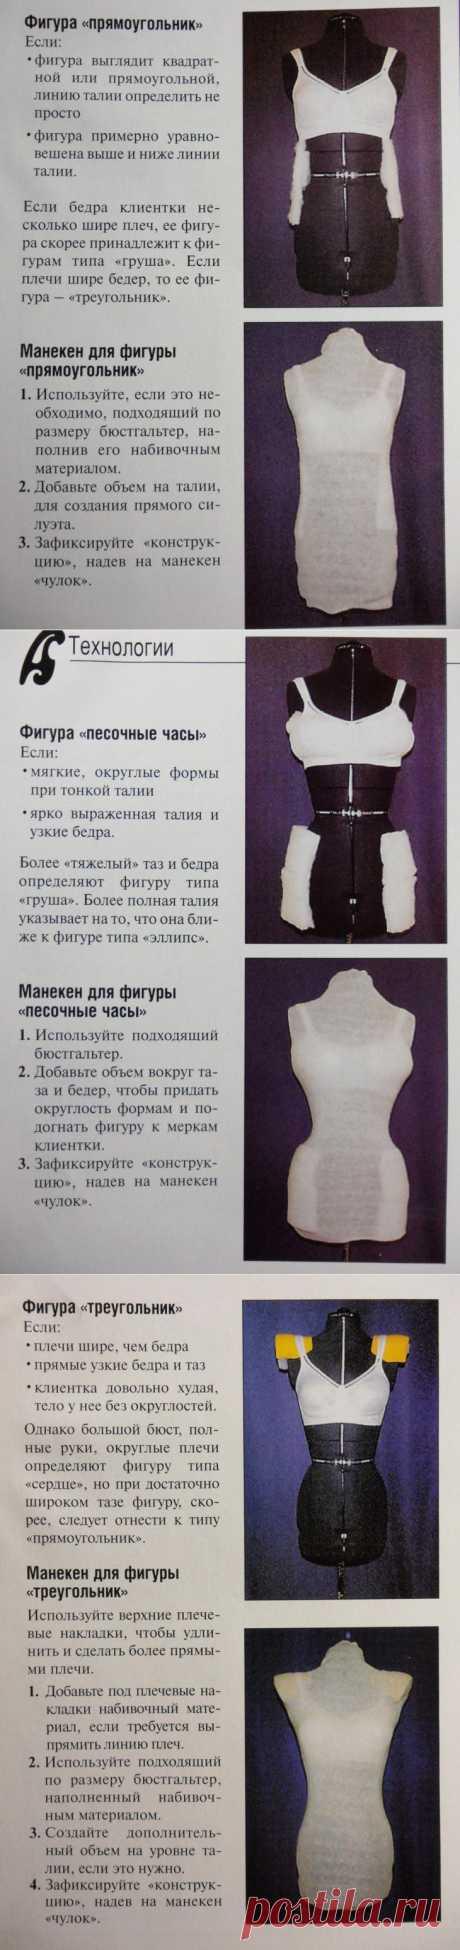 Идеальный манекен своими руками (Diy) / Лайфхаки / Модный сайт о стильной переделке одежды и интерьера